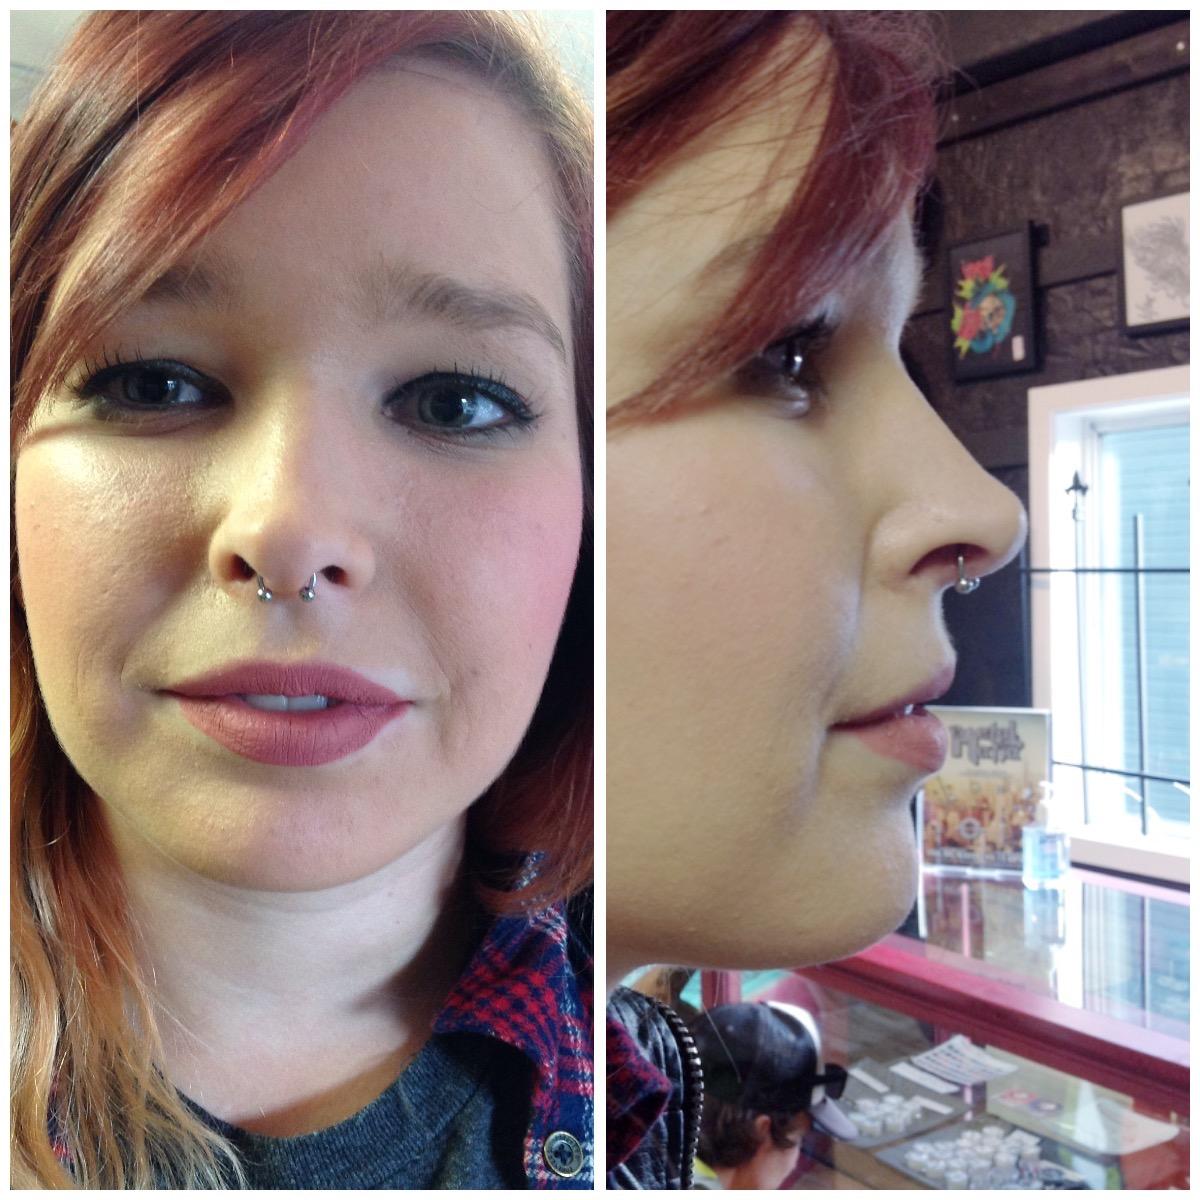 Piercings by Josh Darby